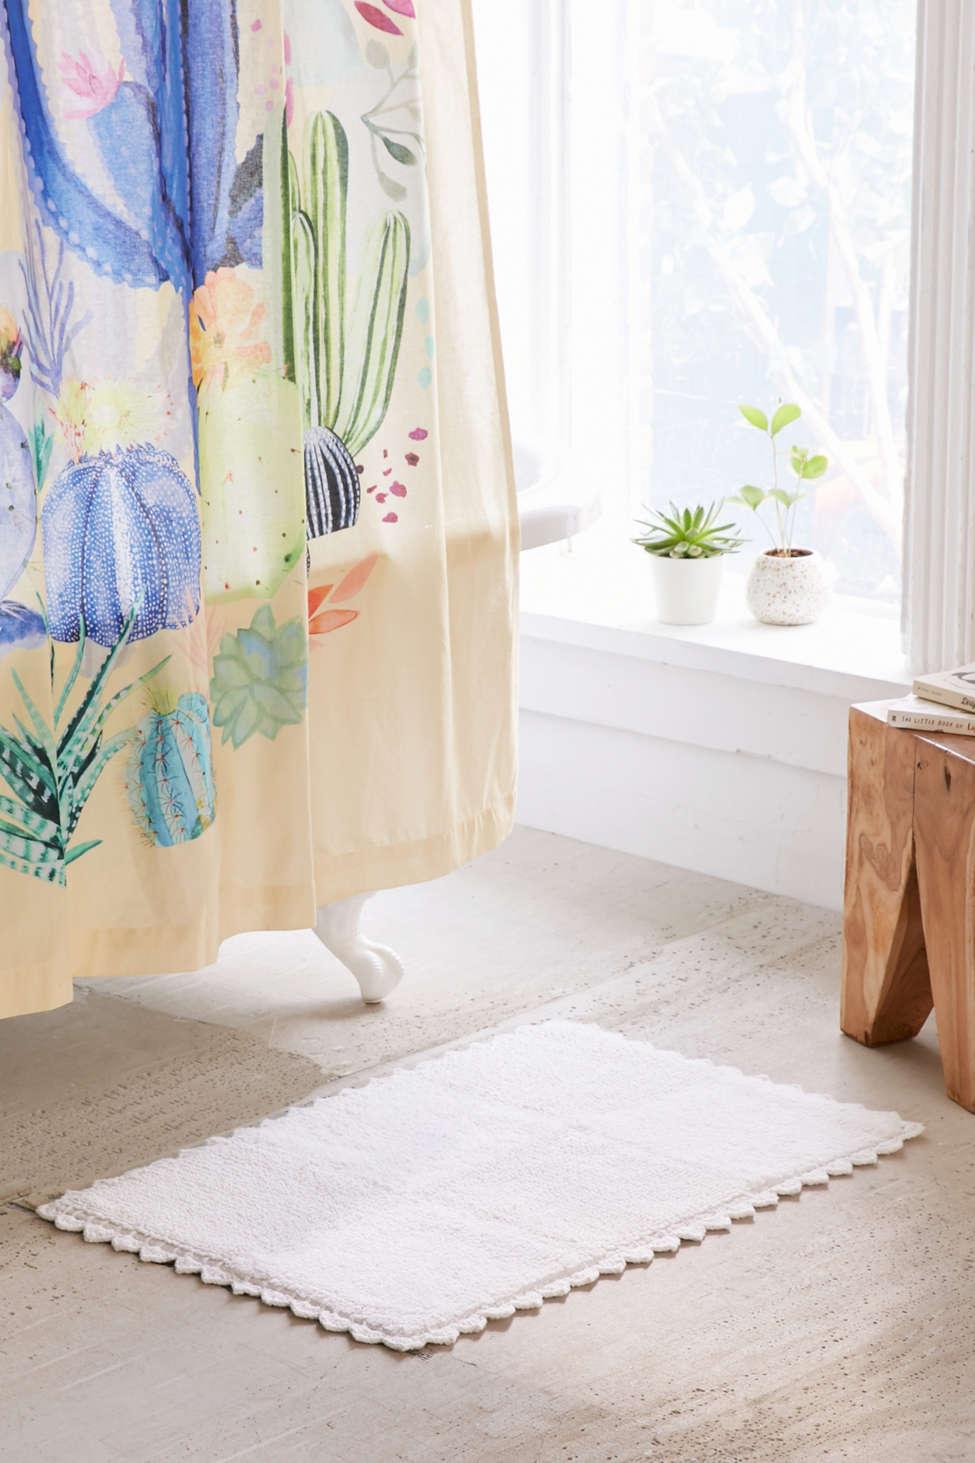 Slide View: 2: Crochet Trim Rectangle Bath Mat